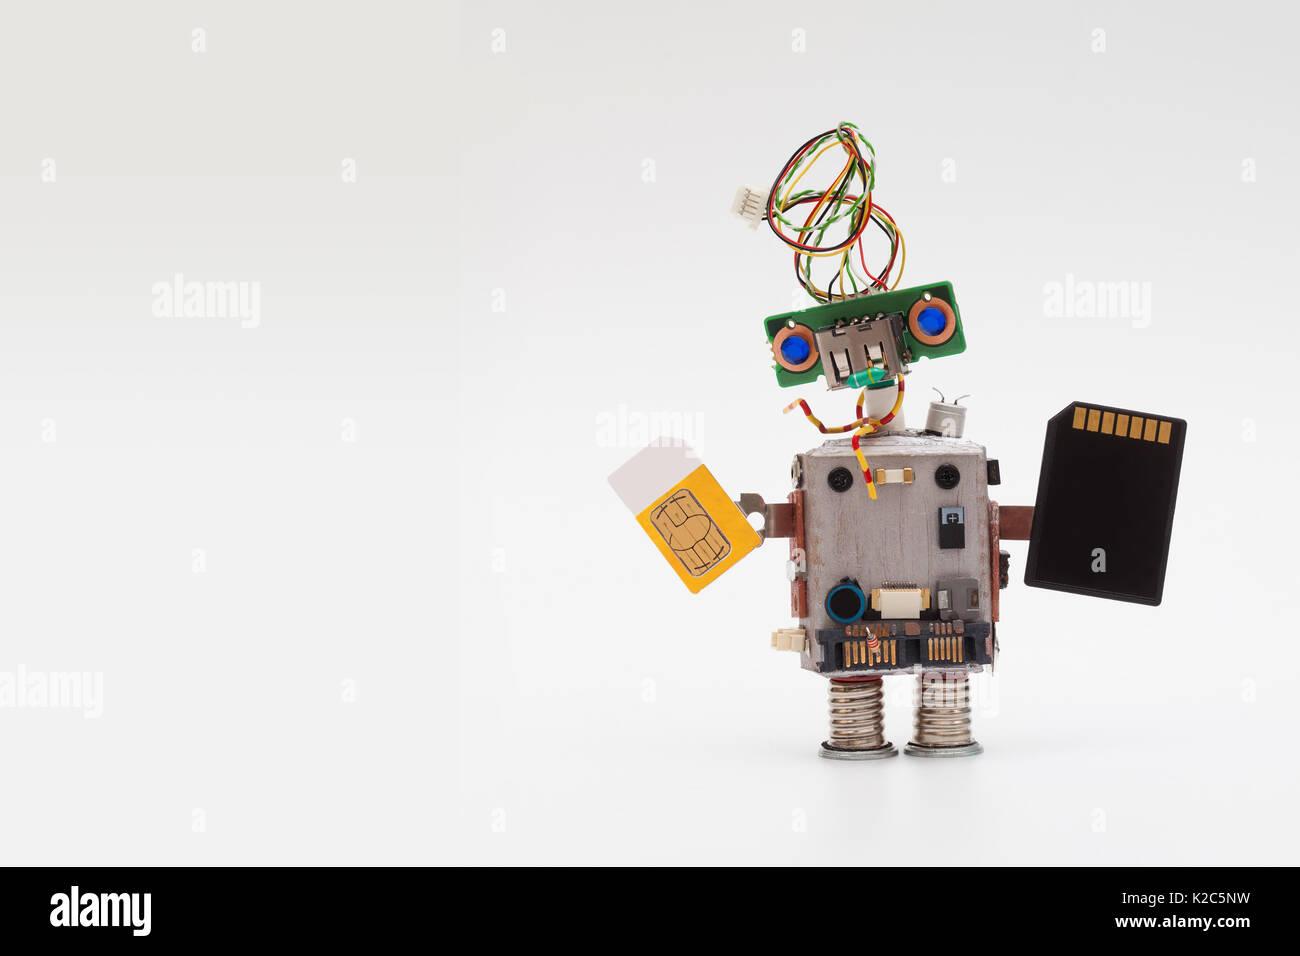 Stile retrò concetto di robot con giallo scheda sim e nero microchip. Presa di circuiti di meccanismo di giocattolo, funny testa, di colore blu con gli occhi. Copiare testo, luce gradiente dello sfondo Immagini Stock